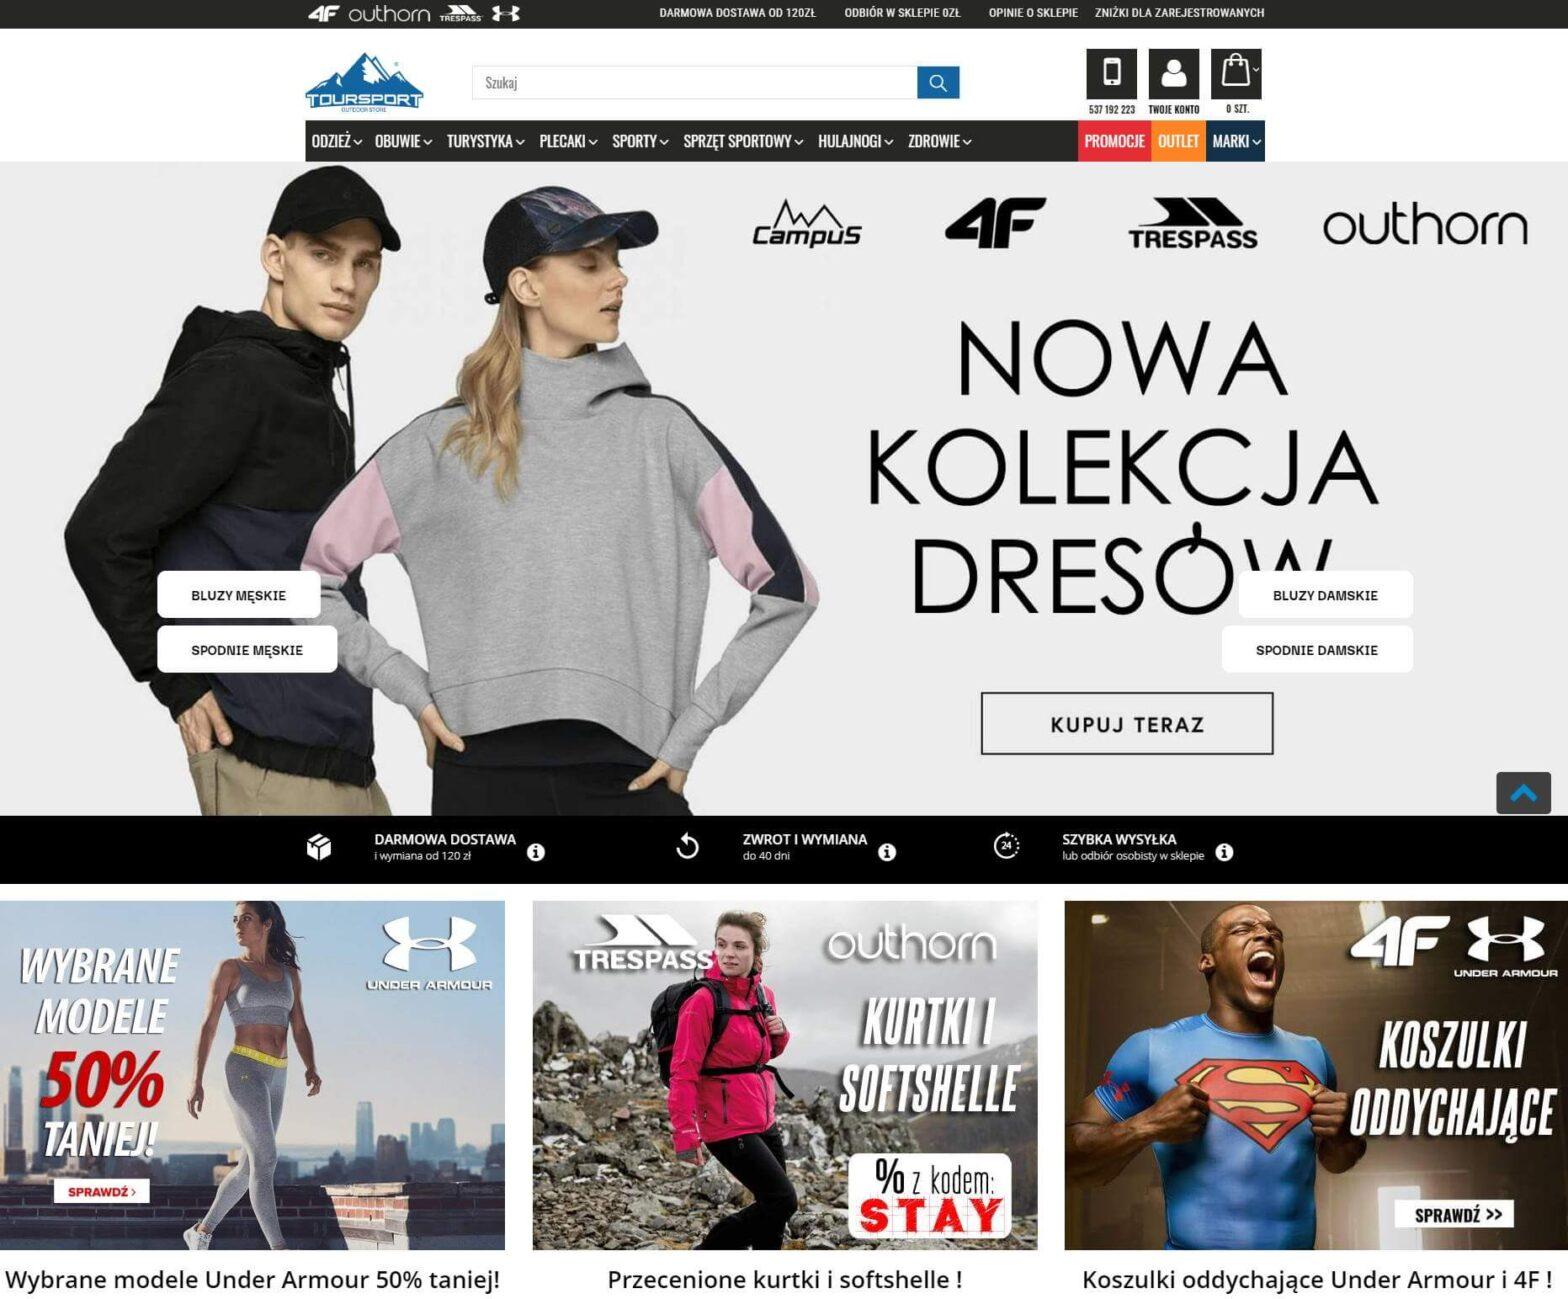 toursport.pl - Sklep z odzieżą sportową dla niej i niego